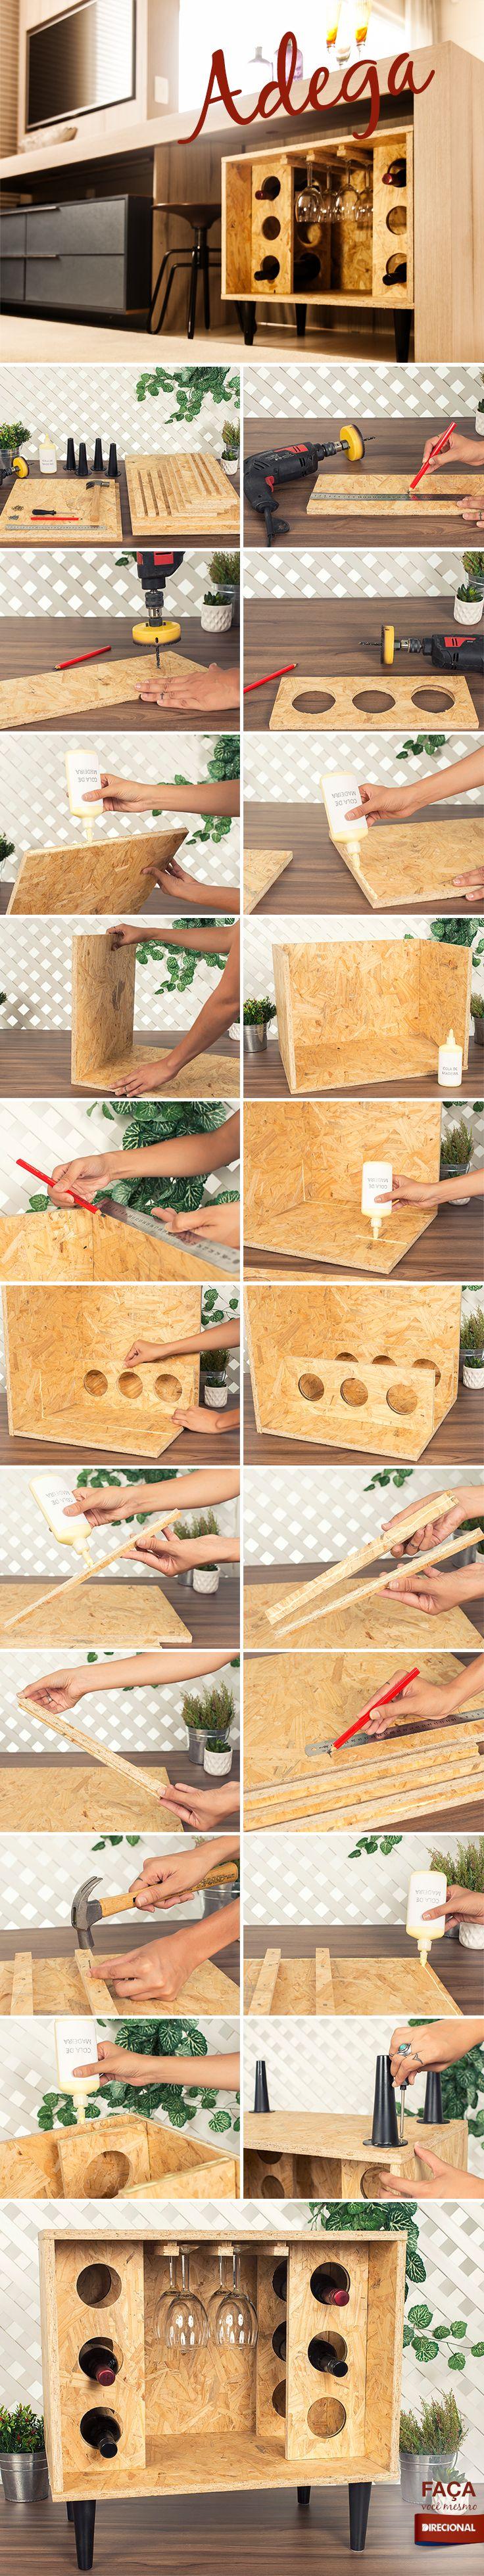 O nosso tutorial da semana vai ensiná-lo a fazer uma adega simples e bonita para decorar sua casa e armazenar as bebidas.  Material: Você encontra todos esses itens em lojas de materiais de construção e grandes varejos.     Placas de OSB: 2 de 40x40cm  (peças laterais) 2 de 40x60cm  (base e tampo) 1 de 40x57cm  (fundo) 4 de 15x40cm 3 de 1,5x35cm 3 de 2,5x35cm Cola  para madeira Pregos Pés de sofá/mesa Parafusos Furadeira Broca  para madeira Broca  serra…